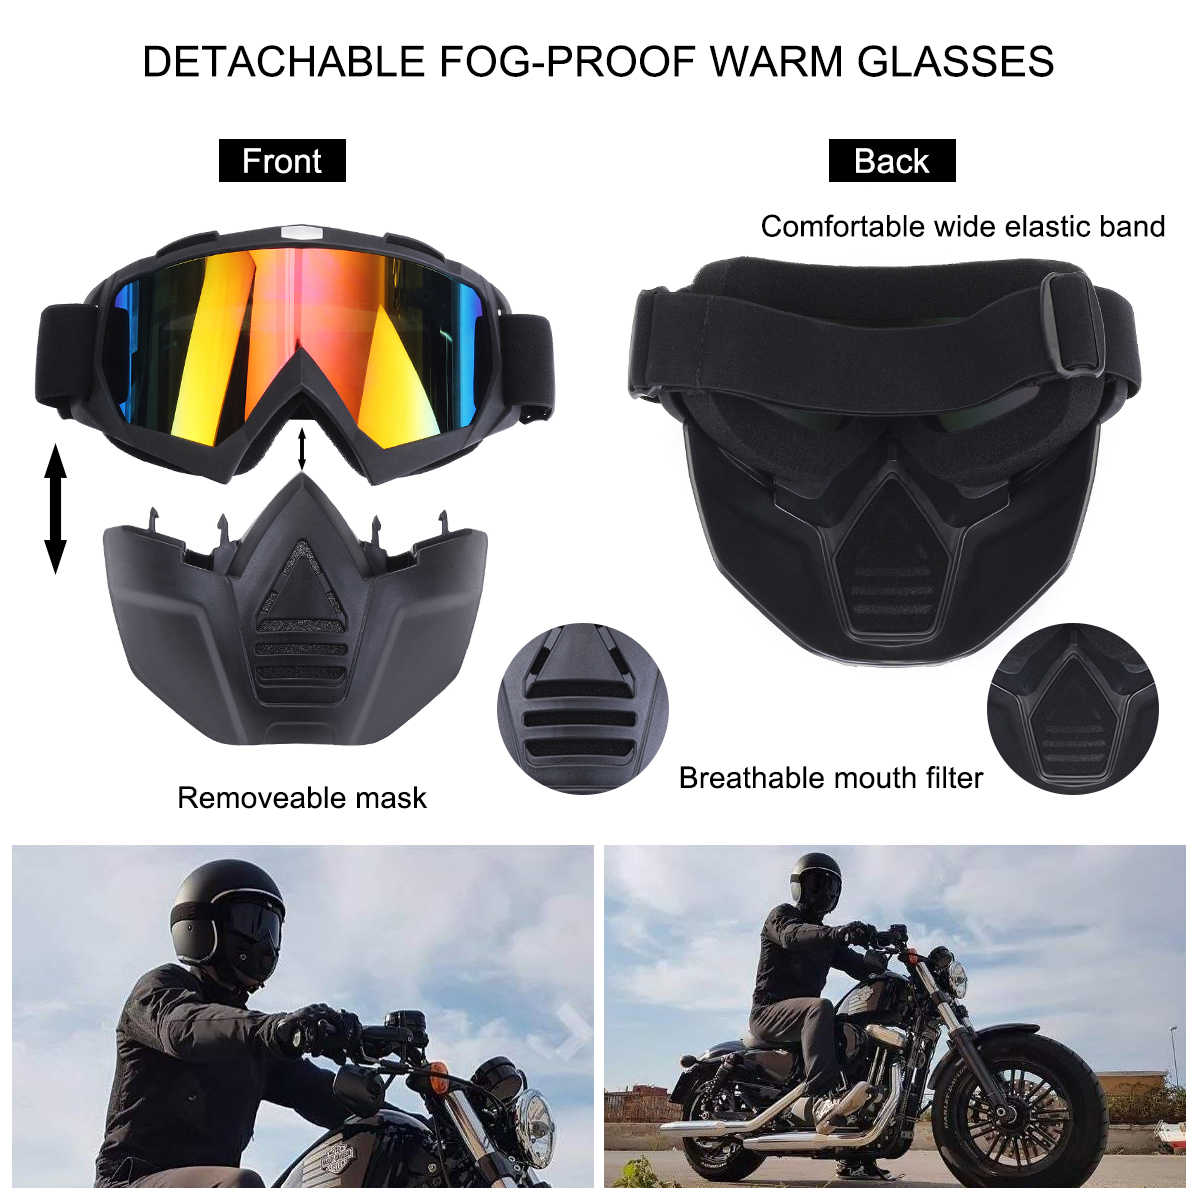 Motor Kacamata Wajah Penuh Masker Helm Kacamata Ski Snowboard Motorcross Sepeda Motor Motor Dilepas Kacamata